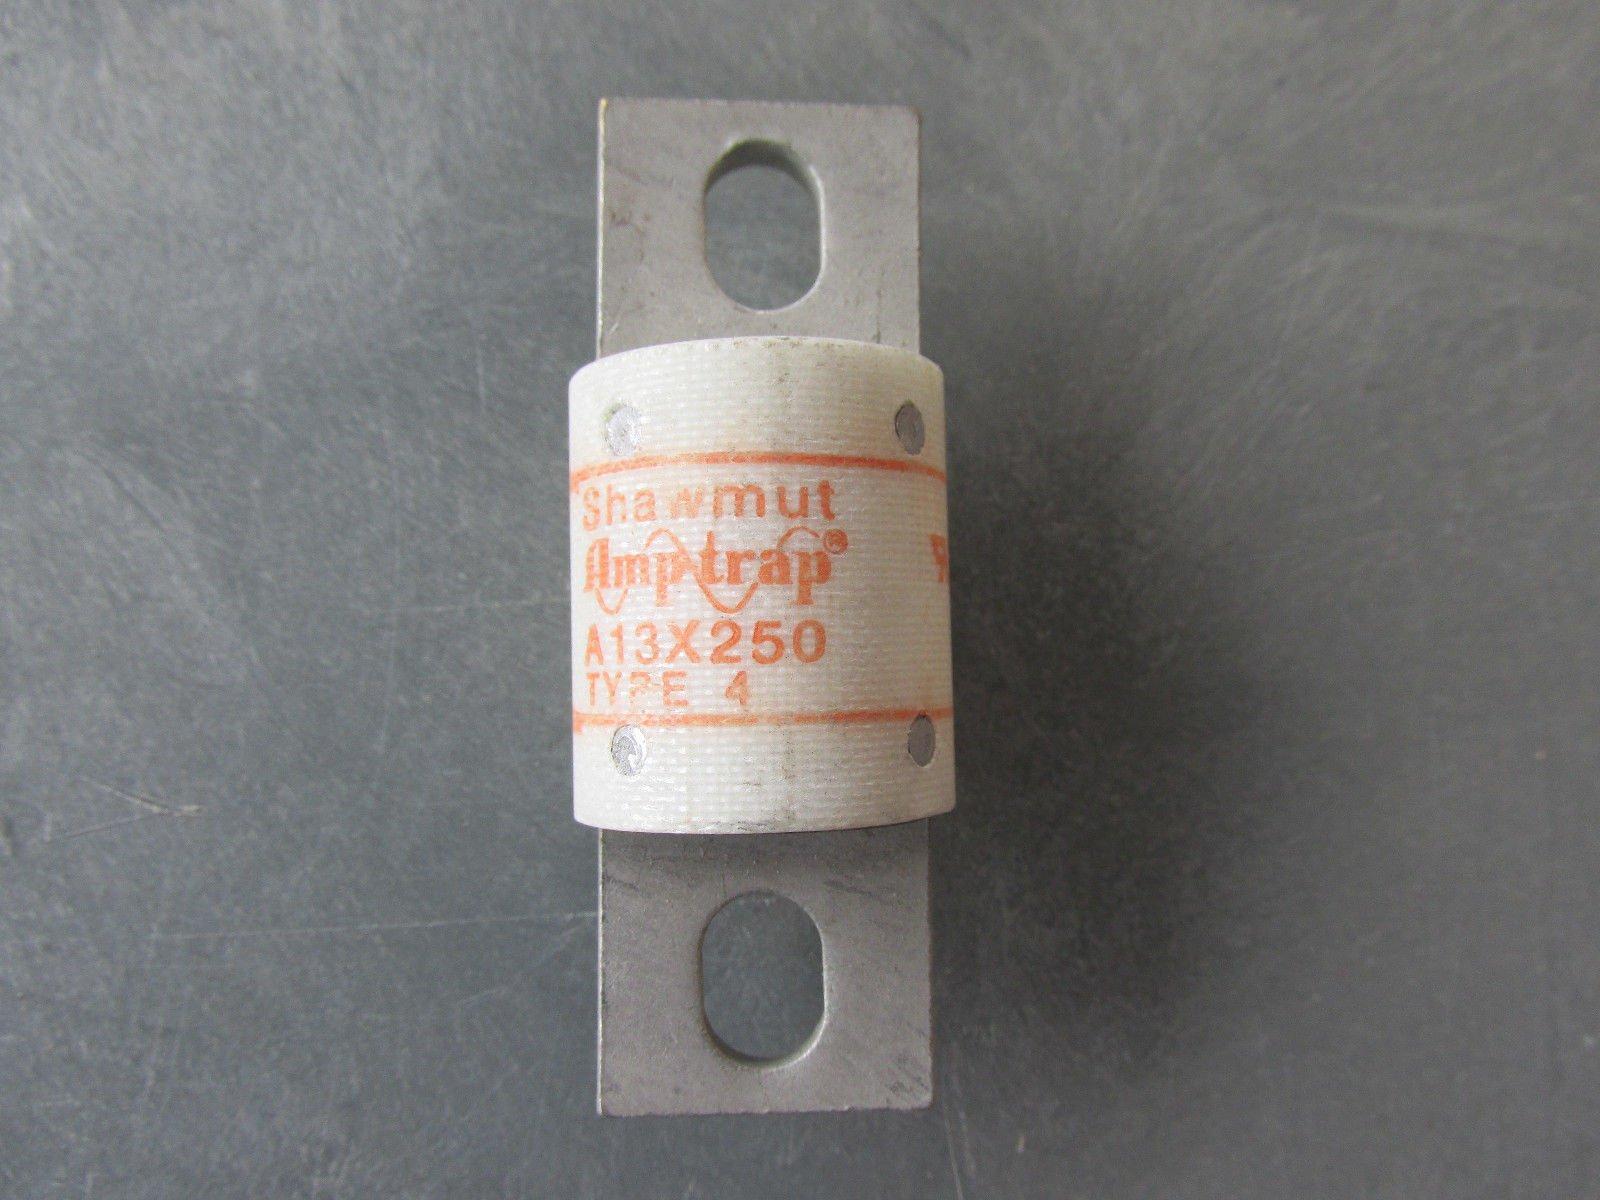 A13X250-4 SHAWMUT GOULD FERRAZ 130V 250 AMP TYPE 4, FUSE A13X250 250A MERSEN